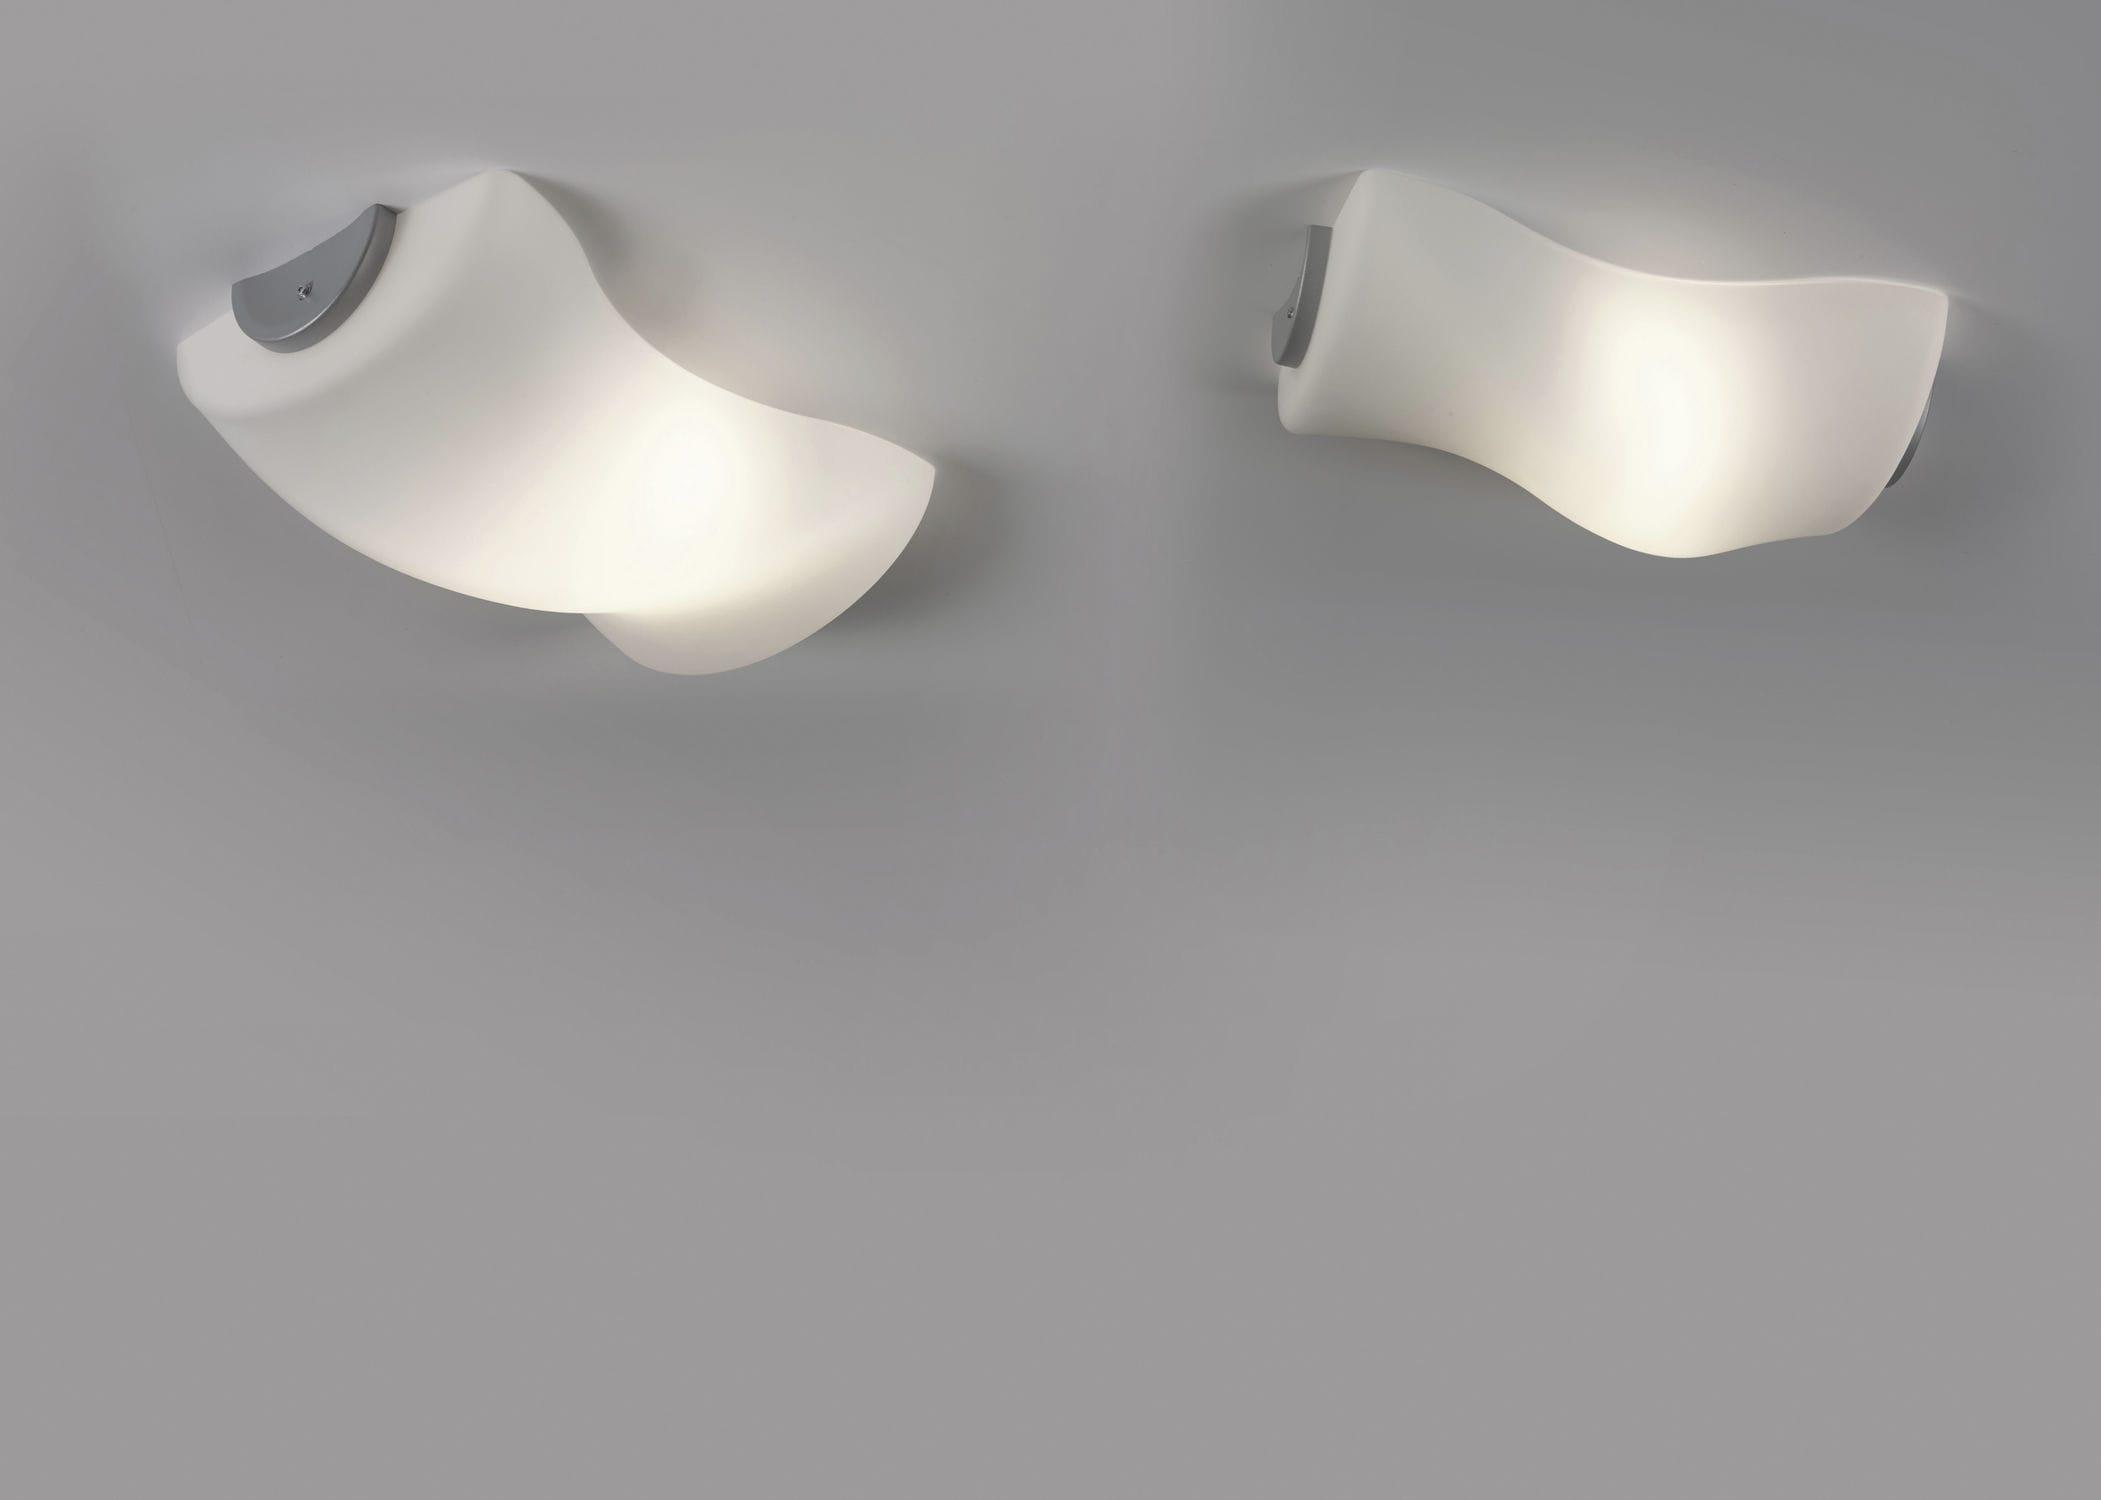 Plafoniere Da Interno : Plafoniera moderna in vetro soffiato alogena da interno